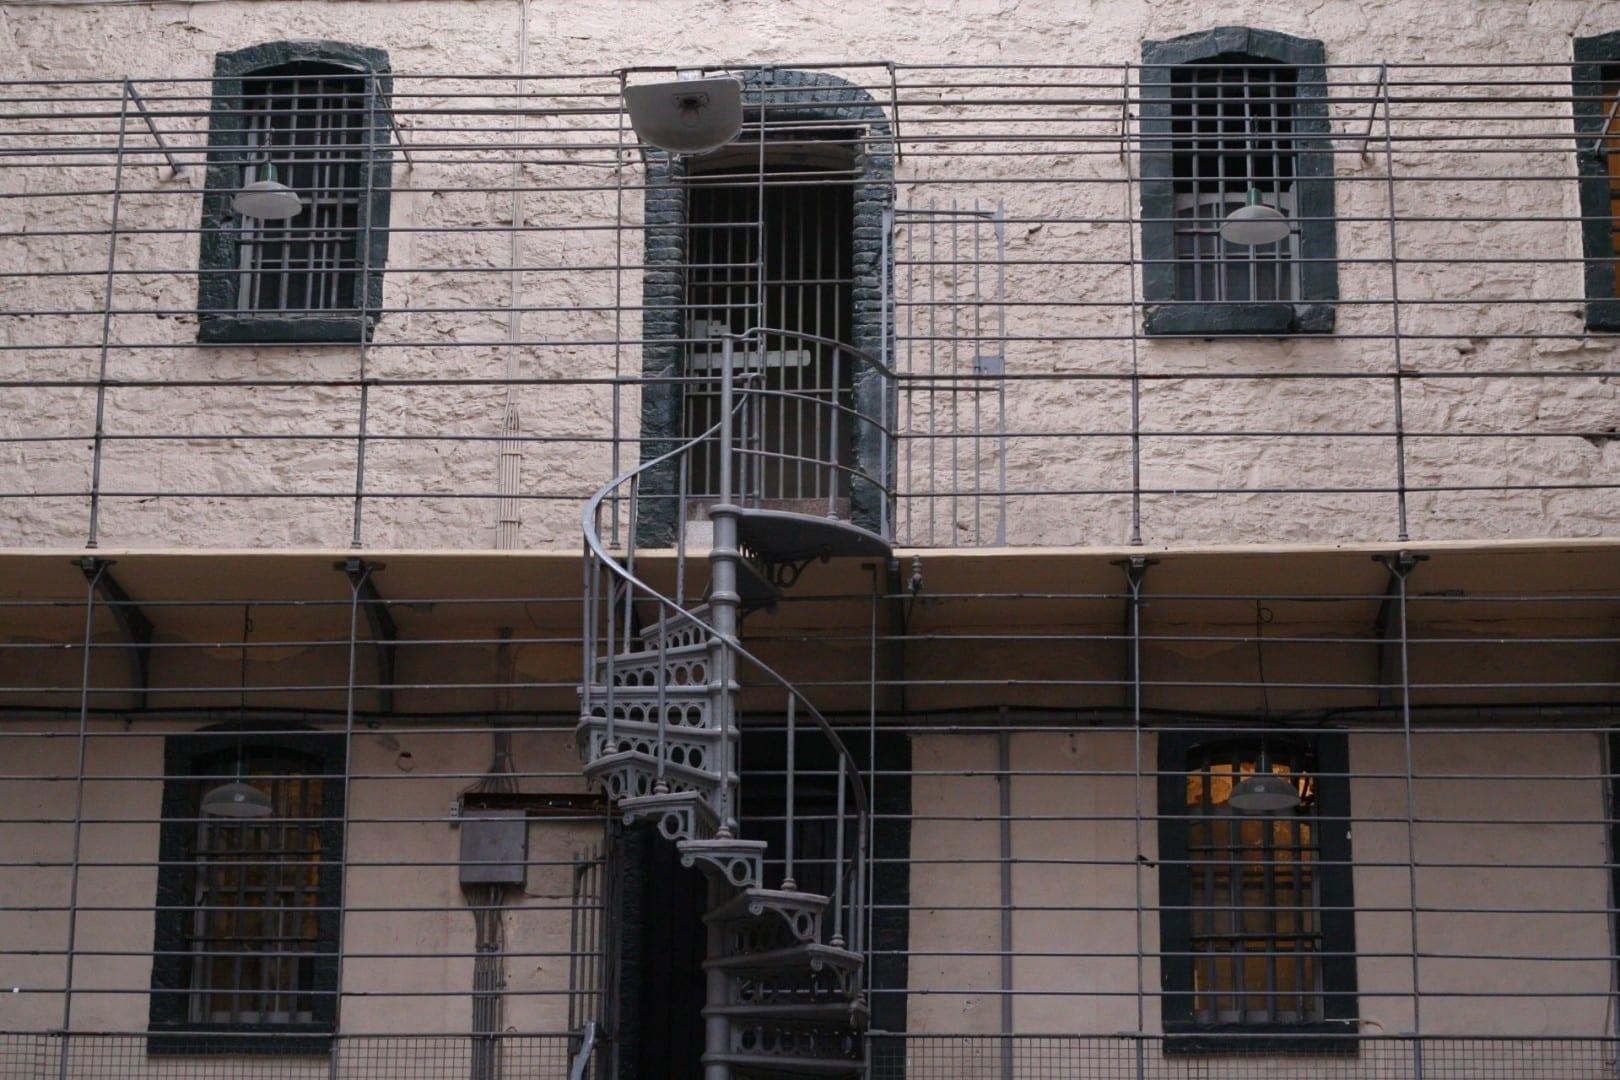 La cárcel de Kilmainham Dublin Irlanda